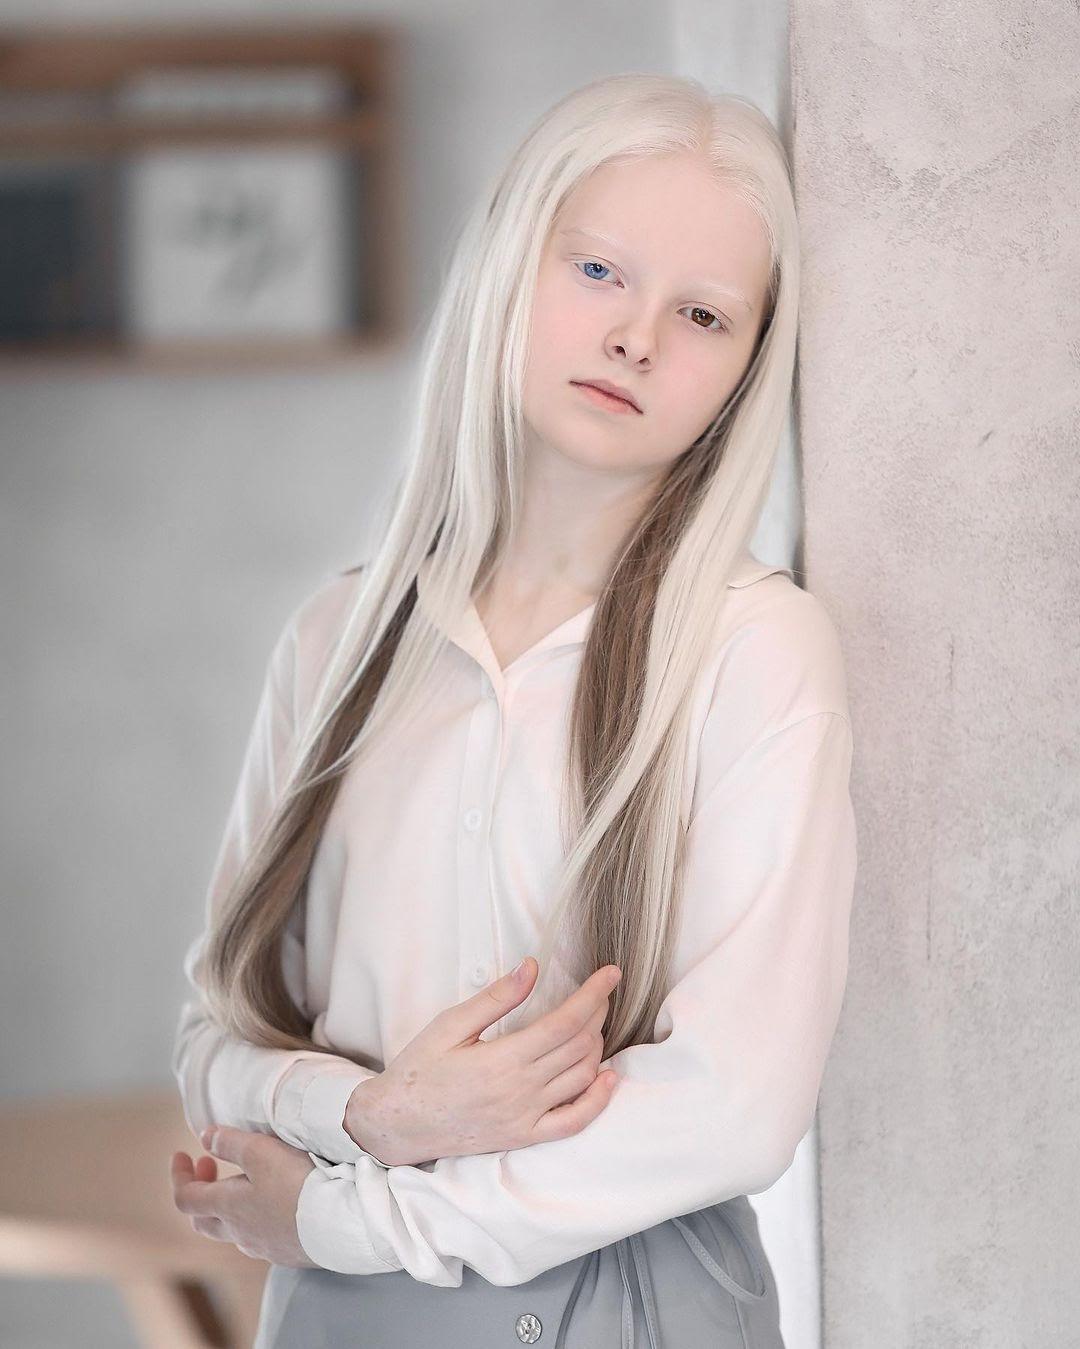 Амина Эпендиева: невероятная девочка-альбинос с разноцветными глазами из Чечни. Как выглядит сегодня и потеряла ли красоту 5